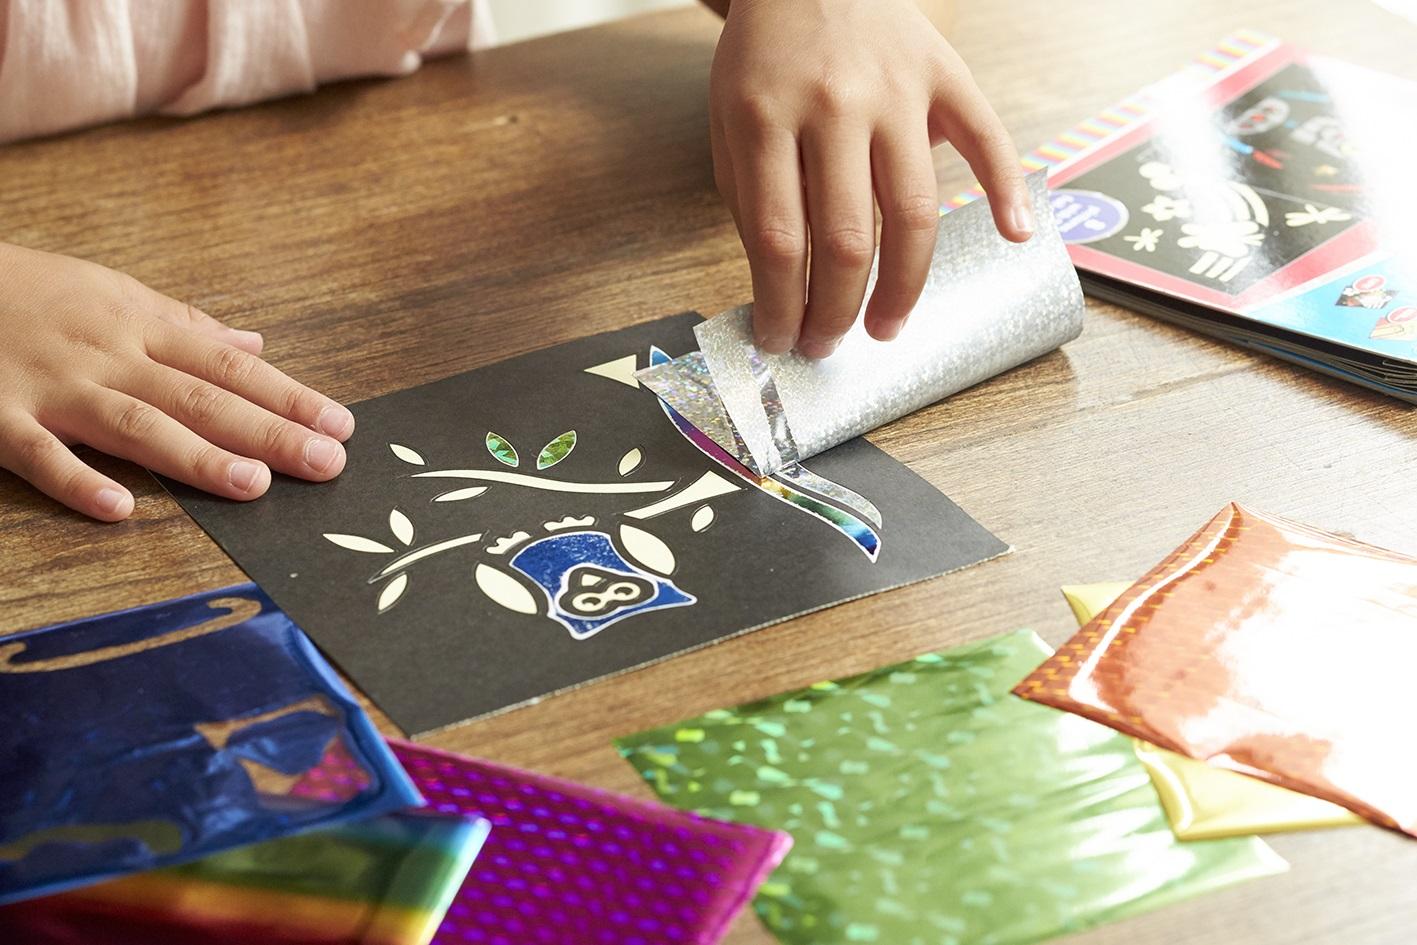 【8月26日(土) ショップイベント】カラフル・ホイルアートで簡単キラキラアートを楽しもう!